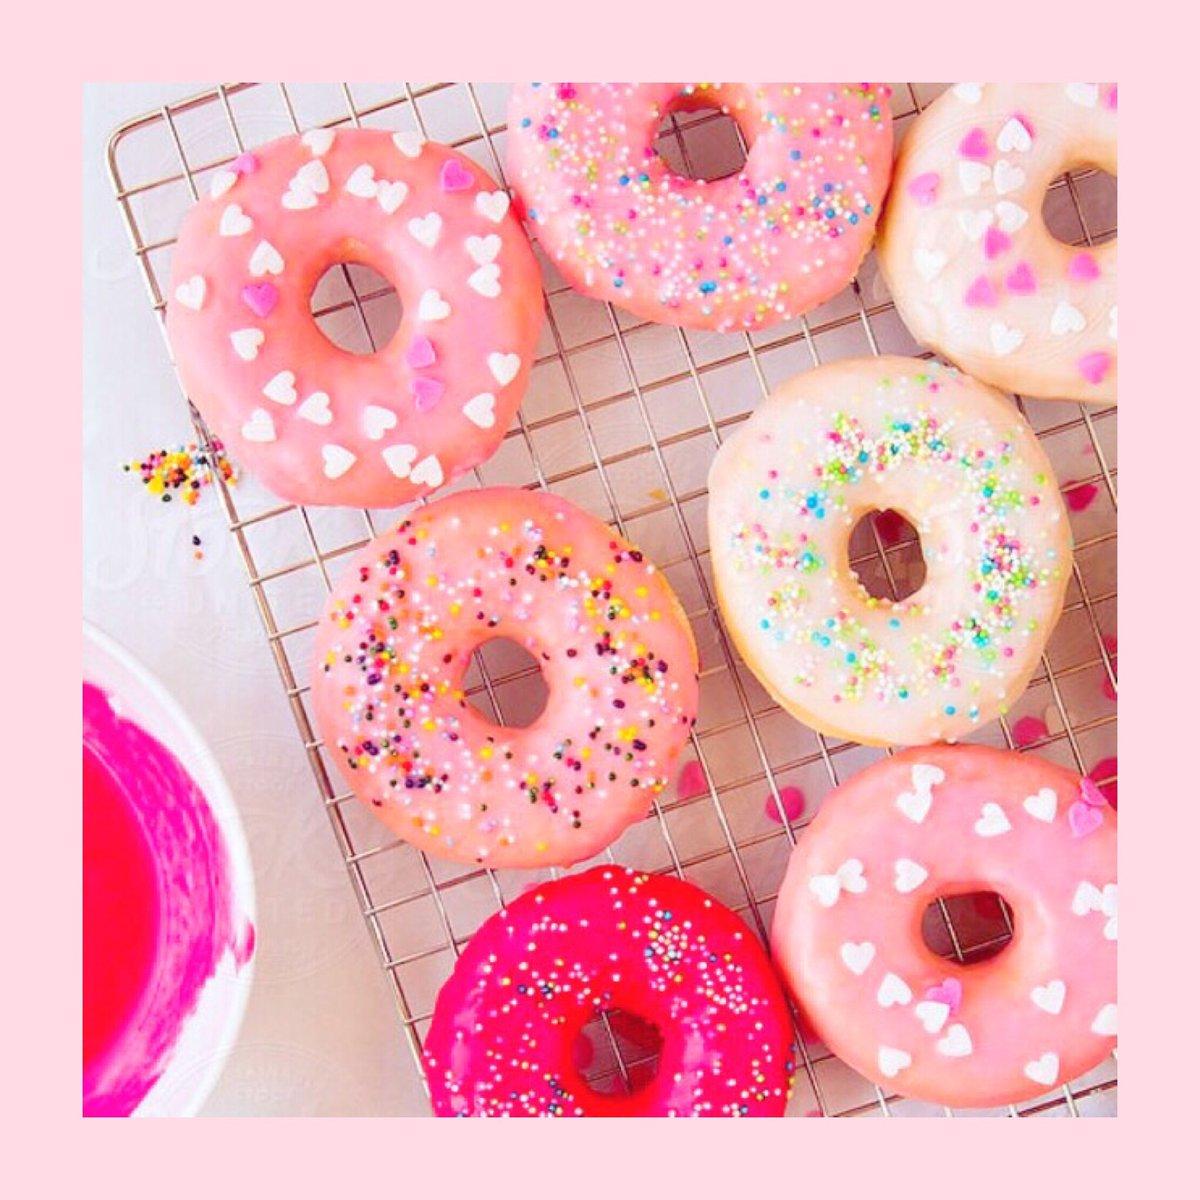 ピンク色のドーナツ